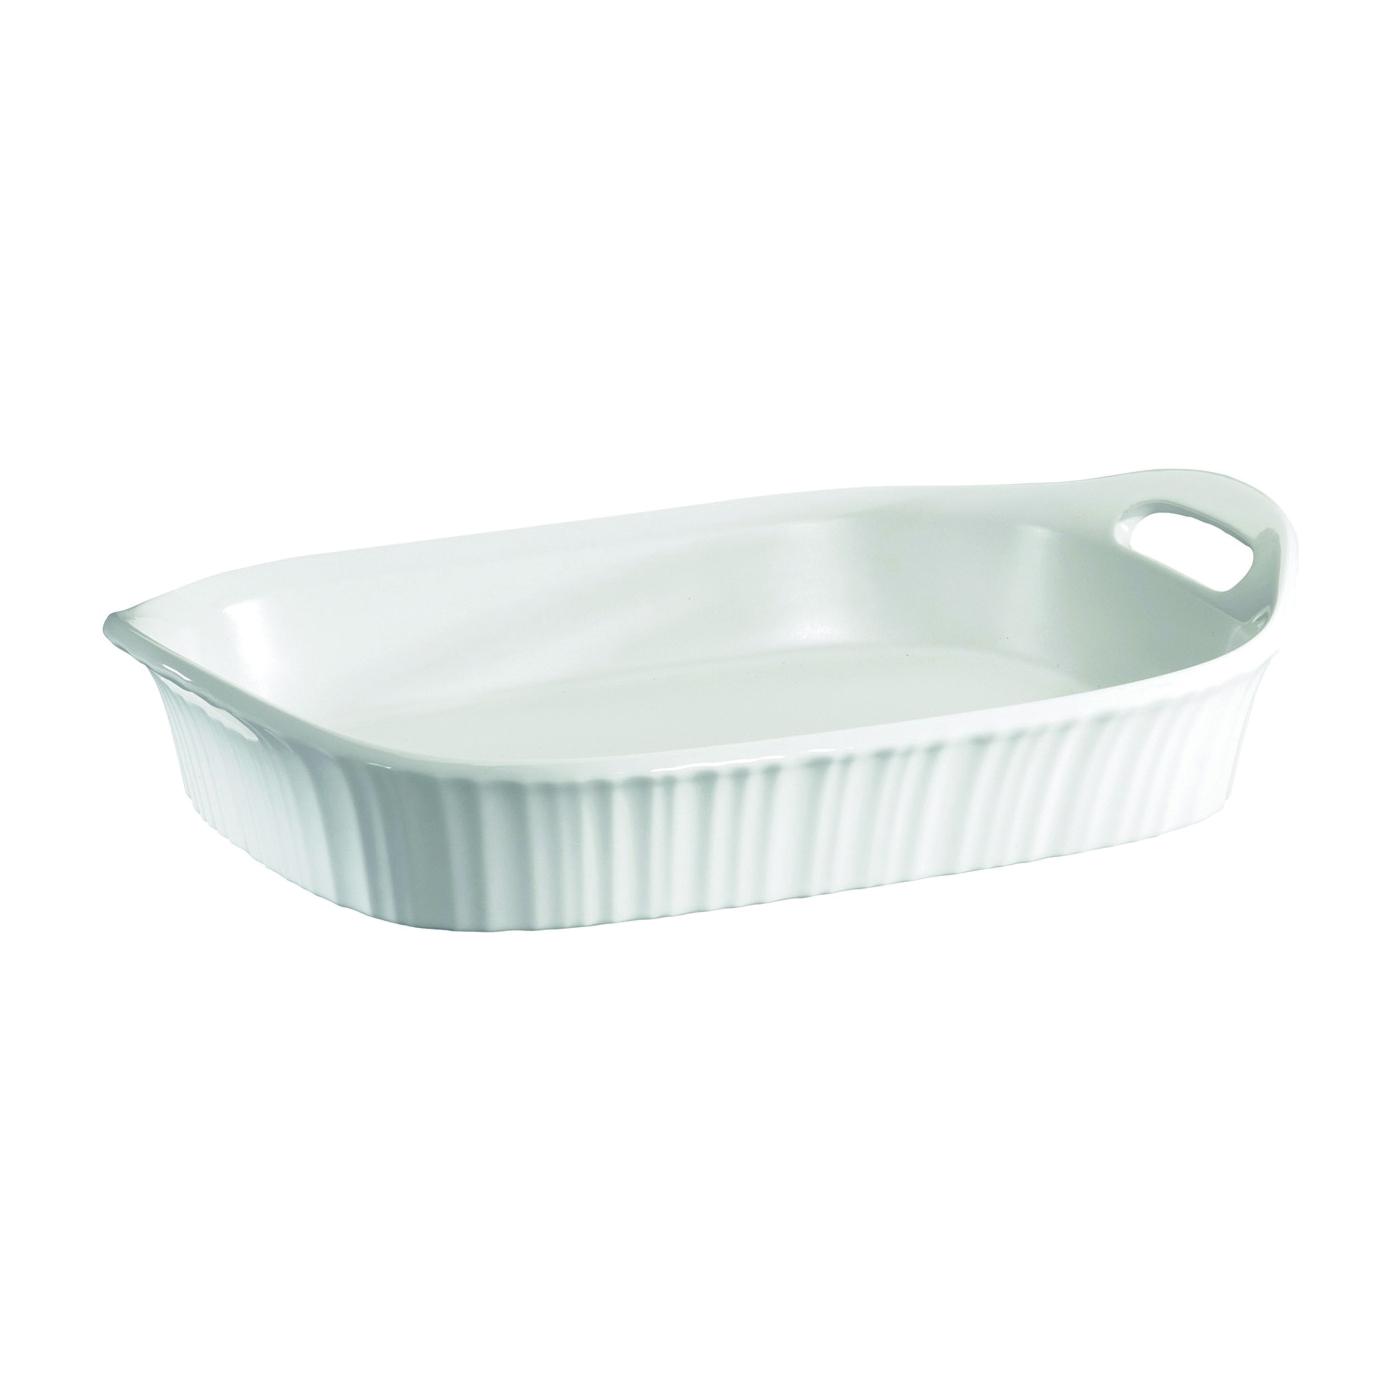 Picture of Corningware 1105936 Casserole Dish, 3 qt Capacity, Ceramic, French White, Dishwasher Safe: Yes